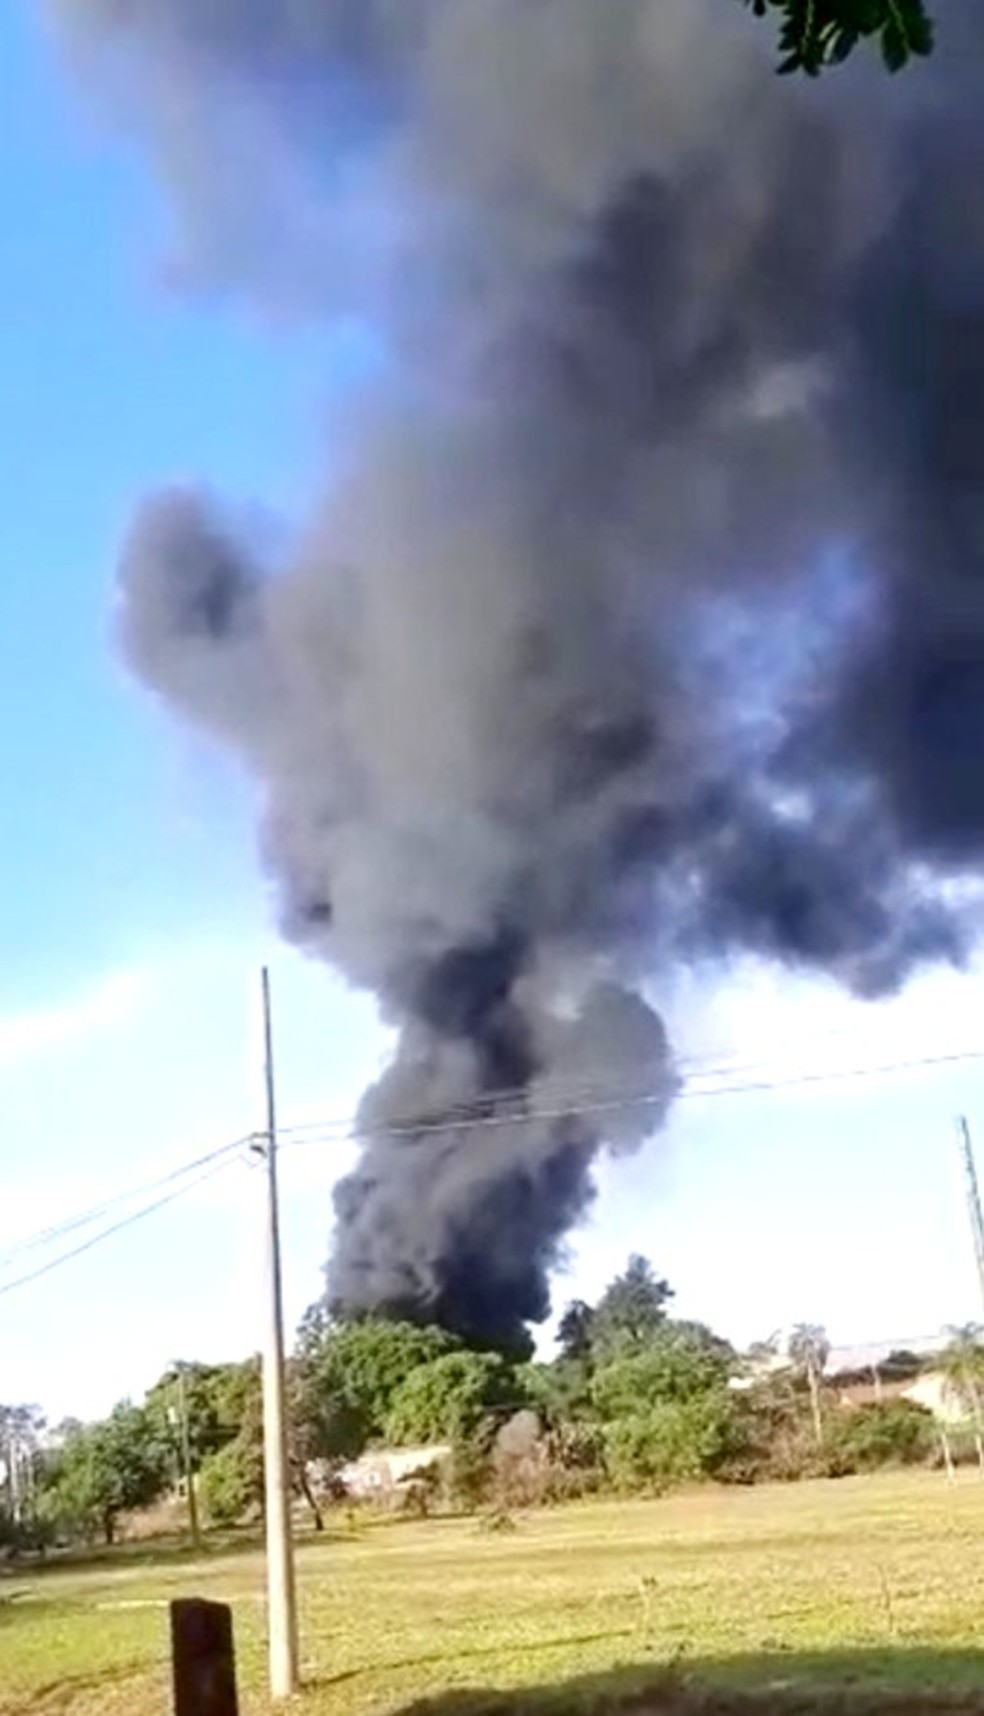 Incêndio atinge depósito de entulhos e provoca coluna de fumaça em Ourinhos — Foto: Arquivo pessoal/Anderson Oliveira Alves